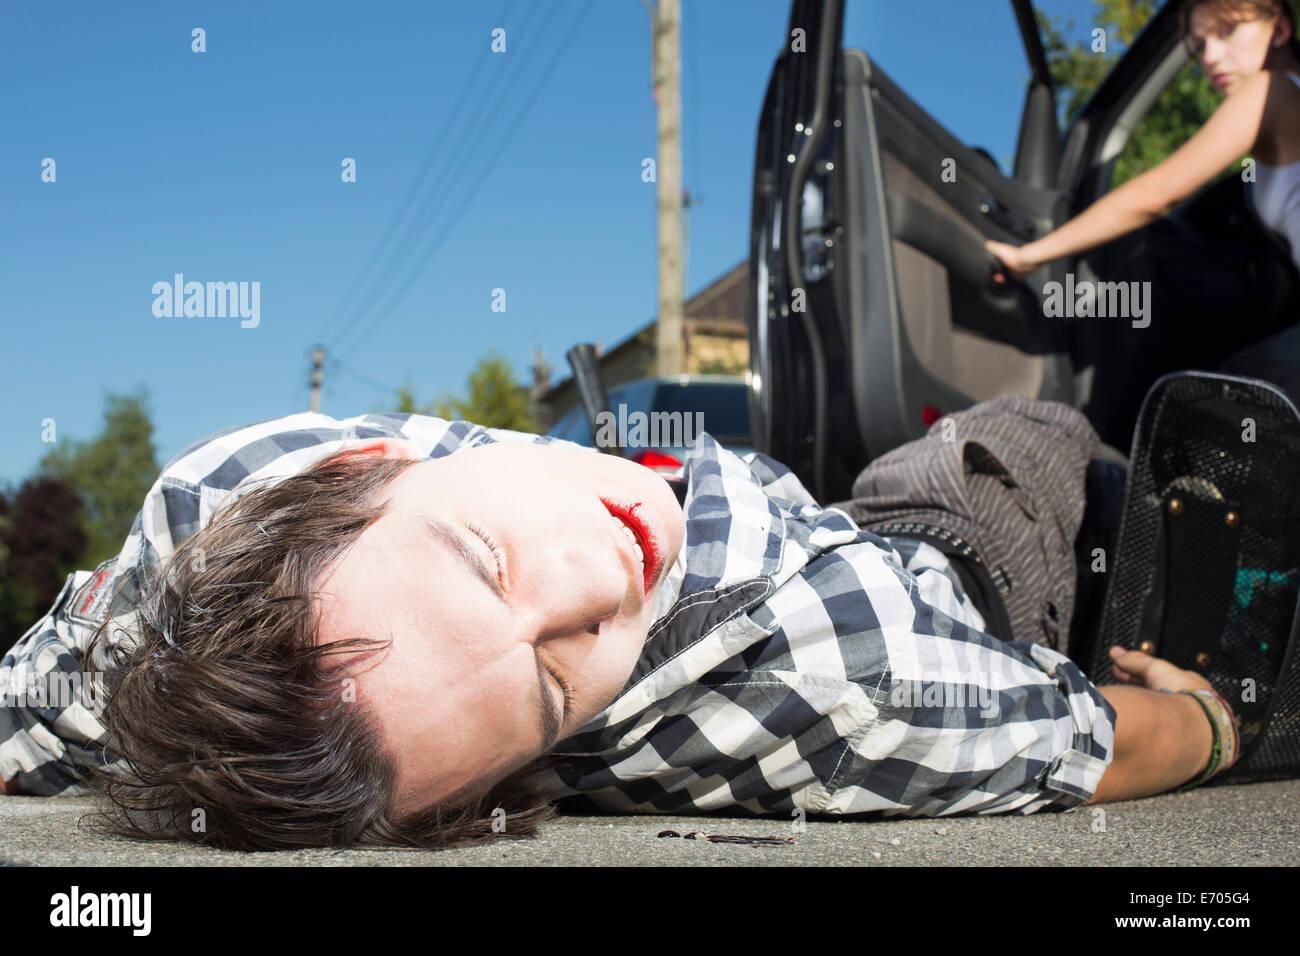 Joven golpeado por coche tumbado en la carretera Foto de stock